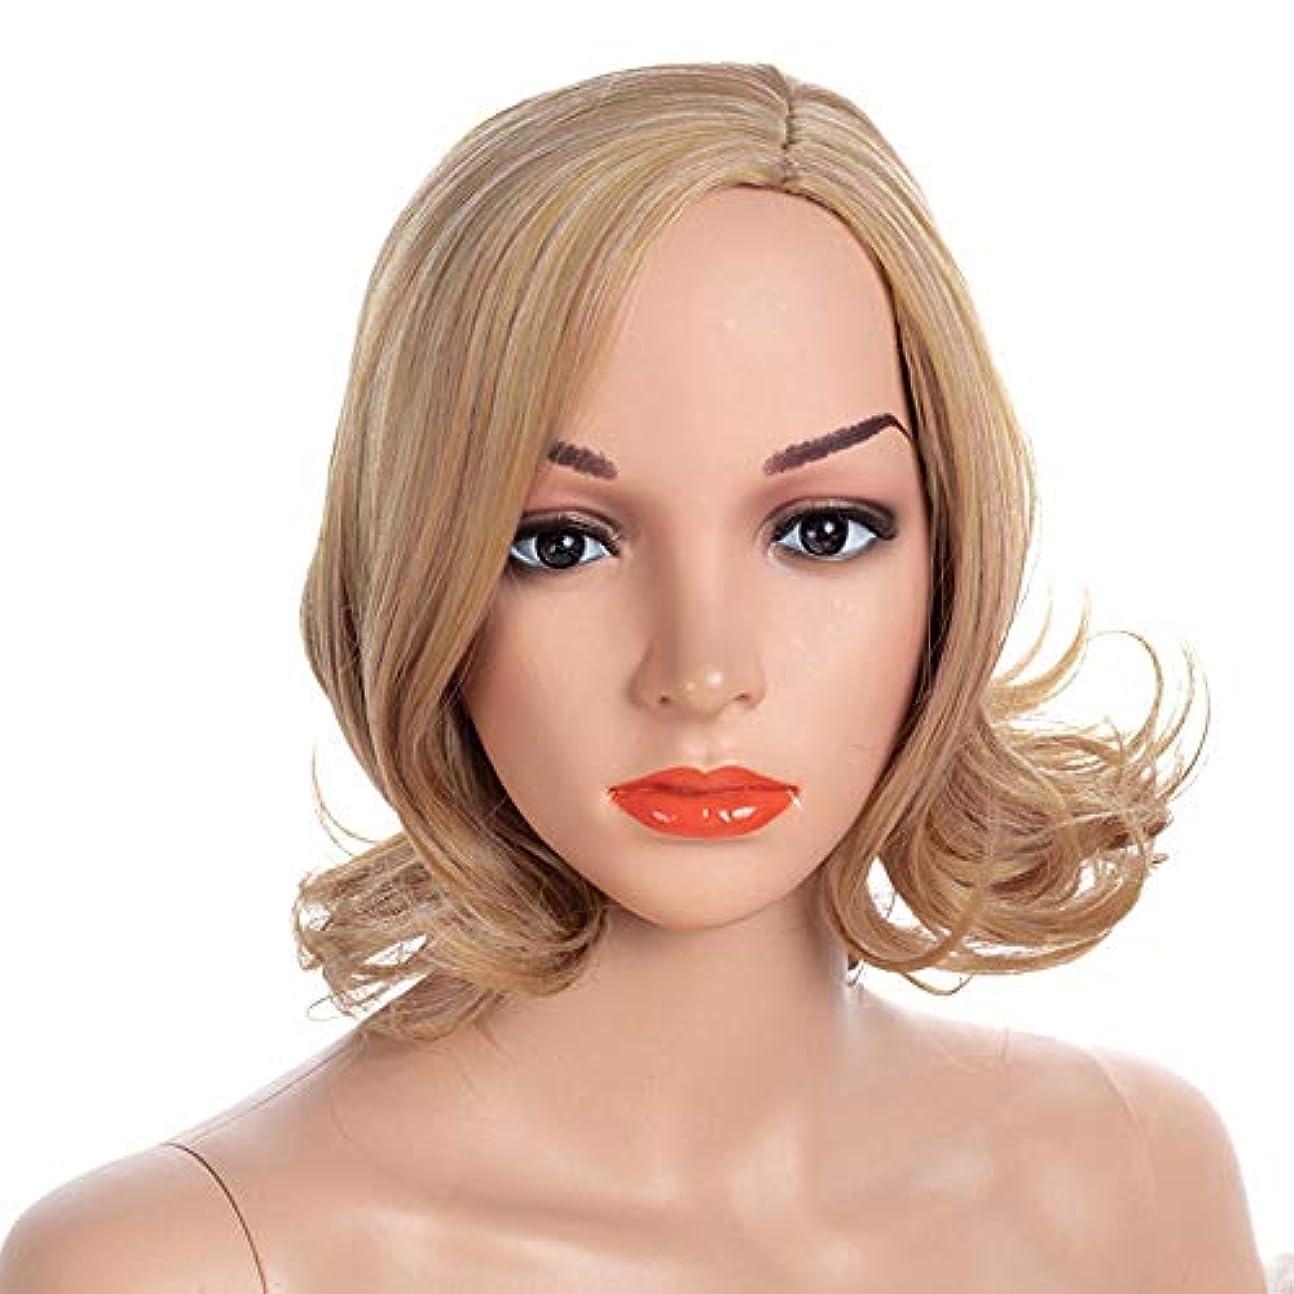 確保するそれに応じて確立YOUQIU 女子ショートカーリーブロンドのかつらメッシー美容ショートウィッグCospalyパーティーウィッグ (色 : Blonde, サイズ : 40cm)